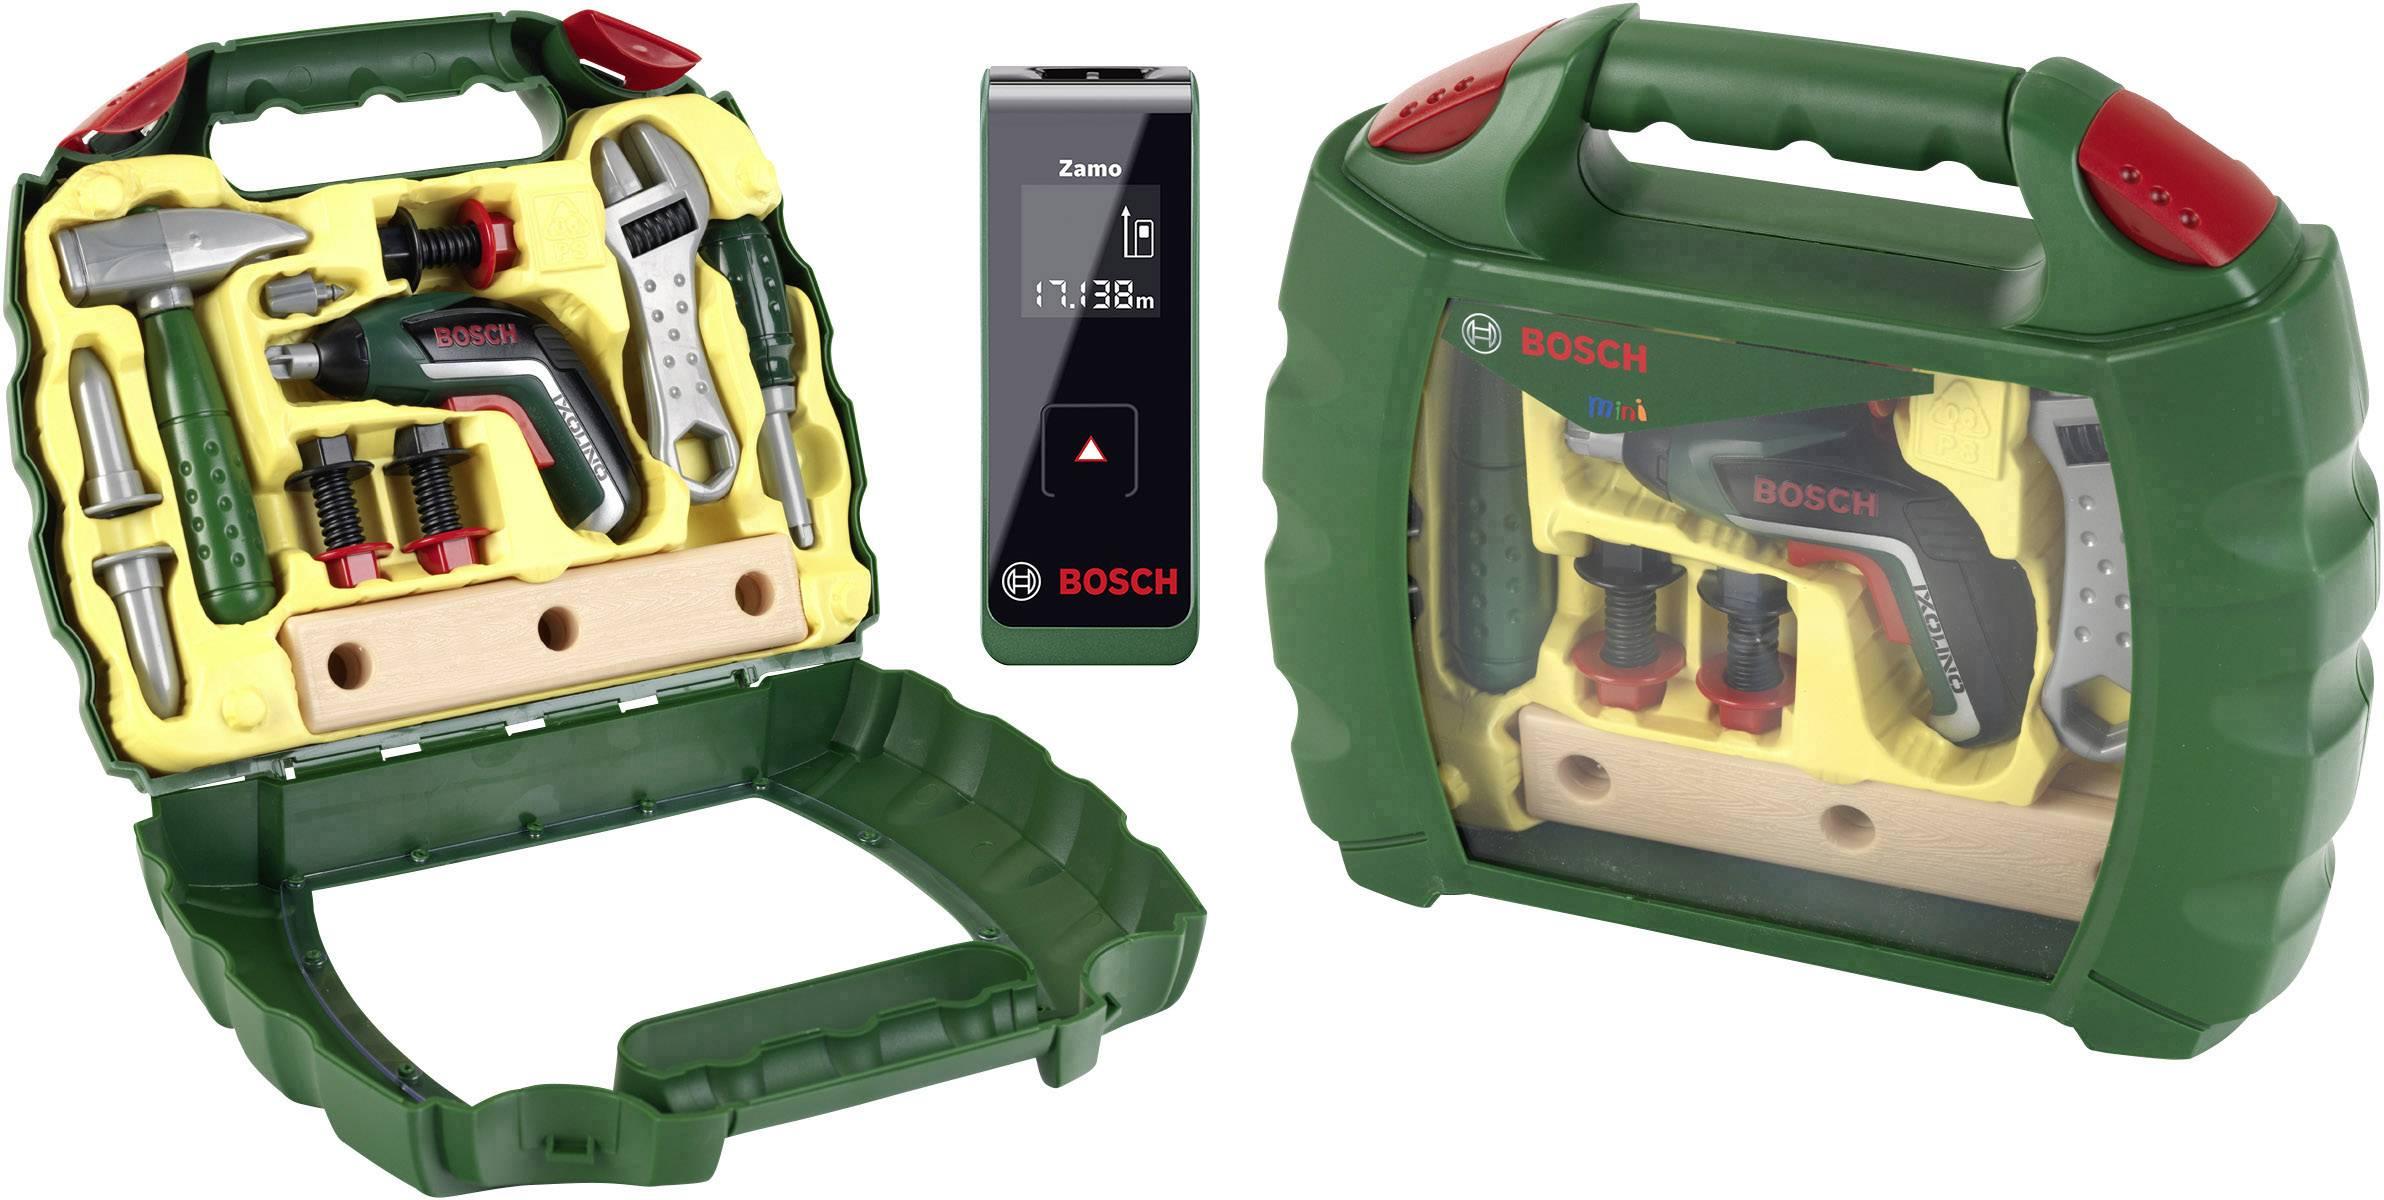 Bosch Laser Entfernungsmesser Conrad : Bosch home and garden zamo ii laser entfernungsmesser messbereich